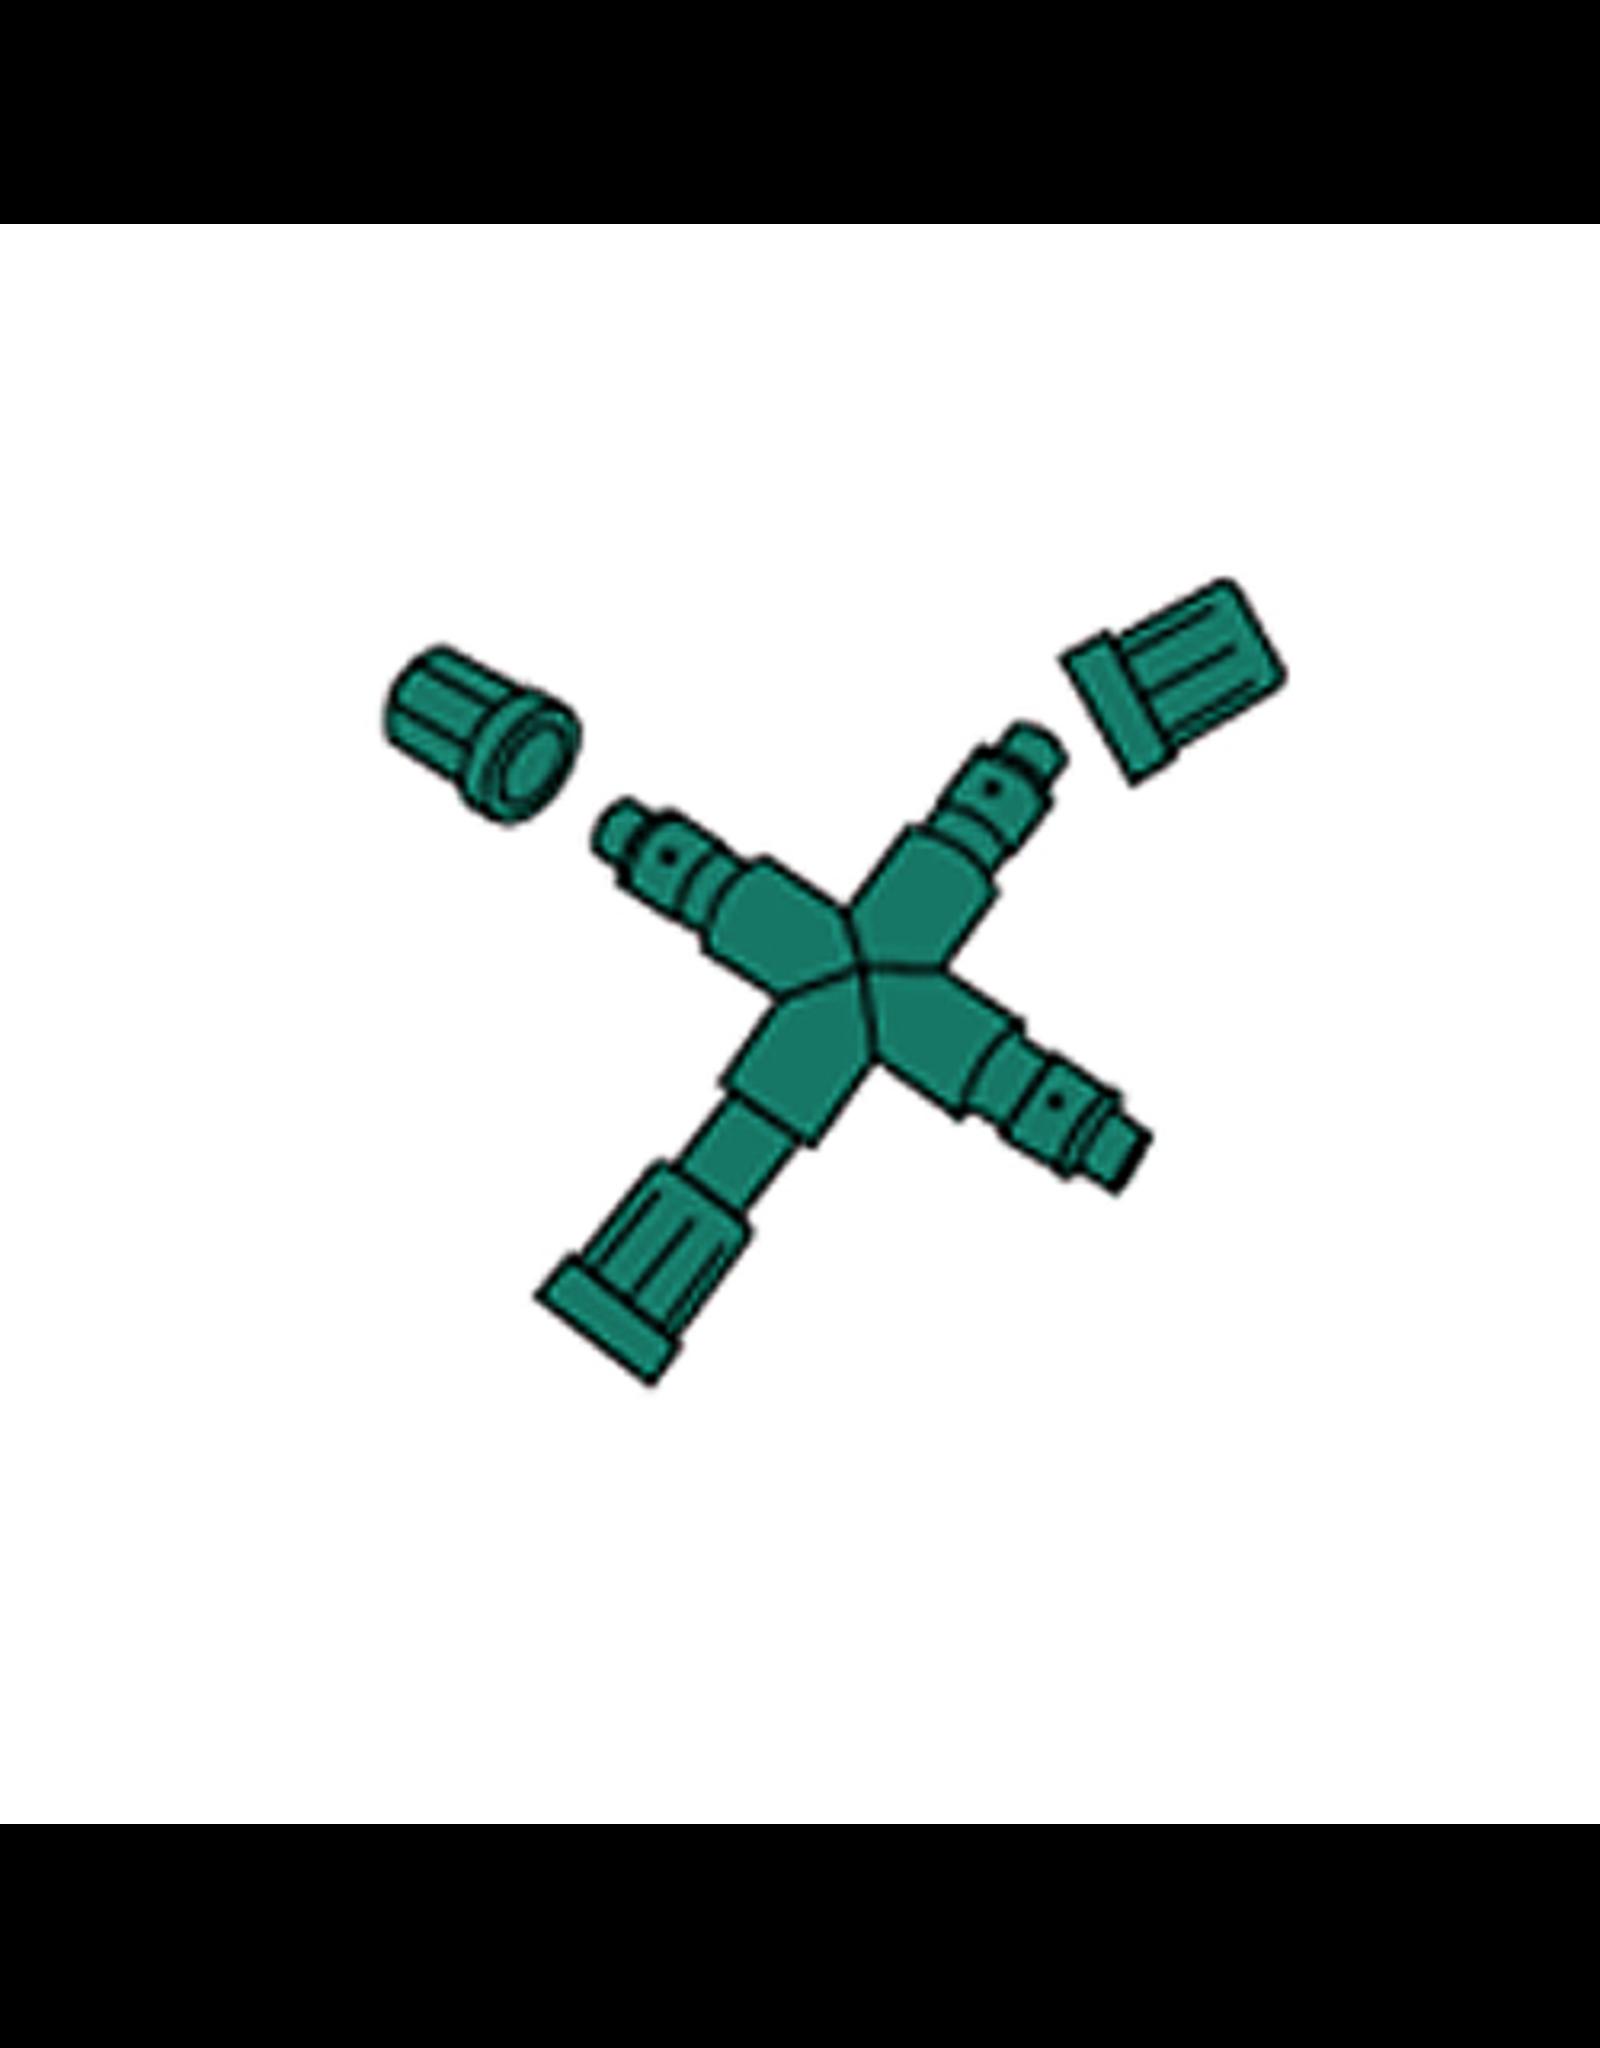 3 Channel Plus 1 Pass Through 3-Way Splitter Green